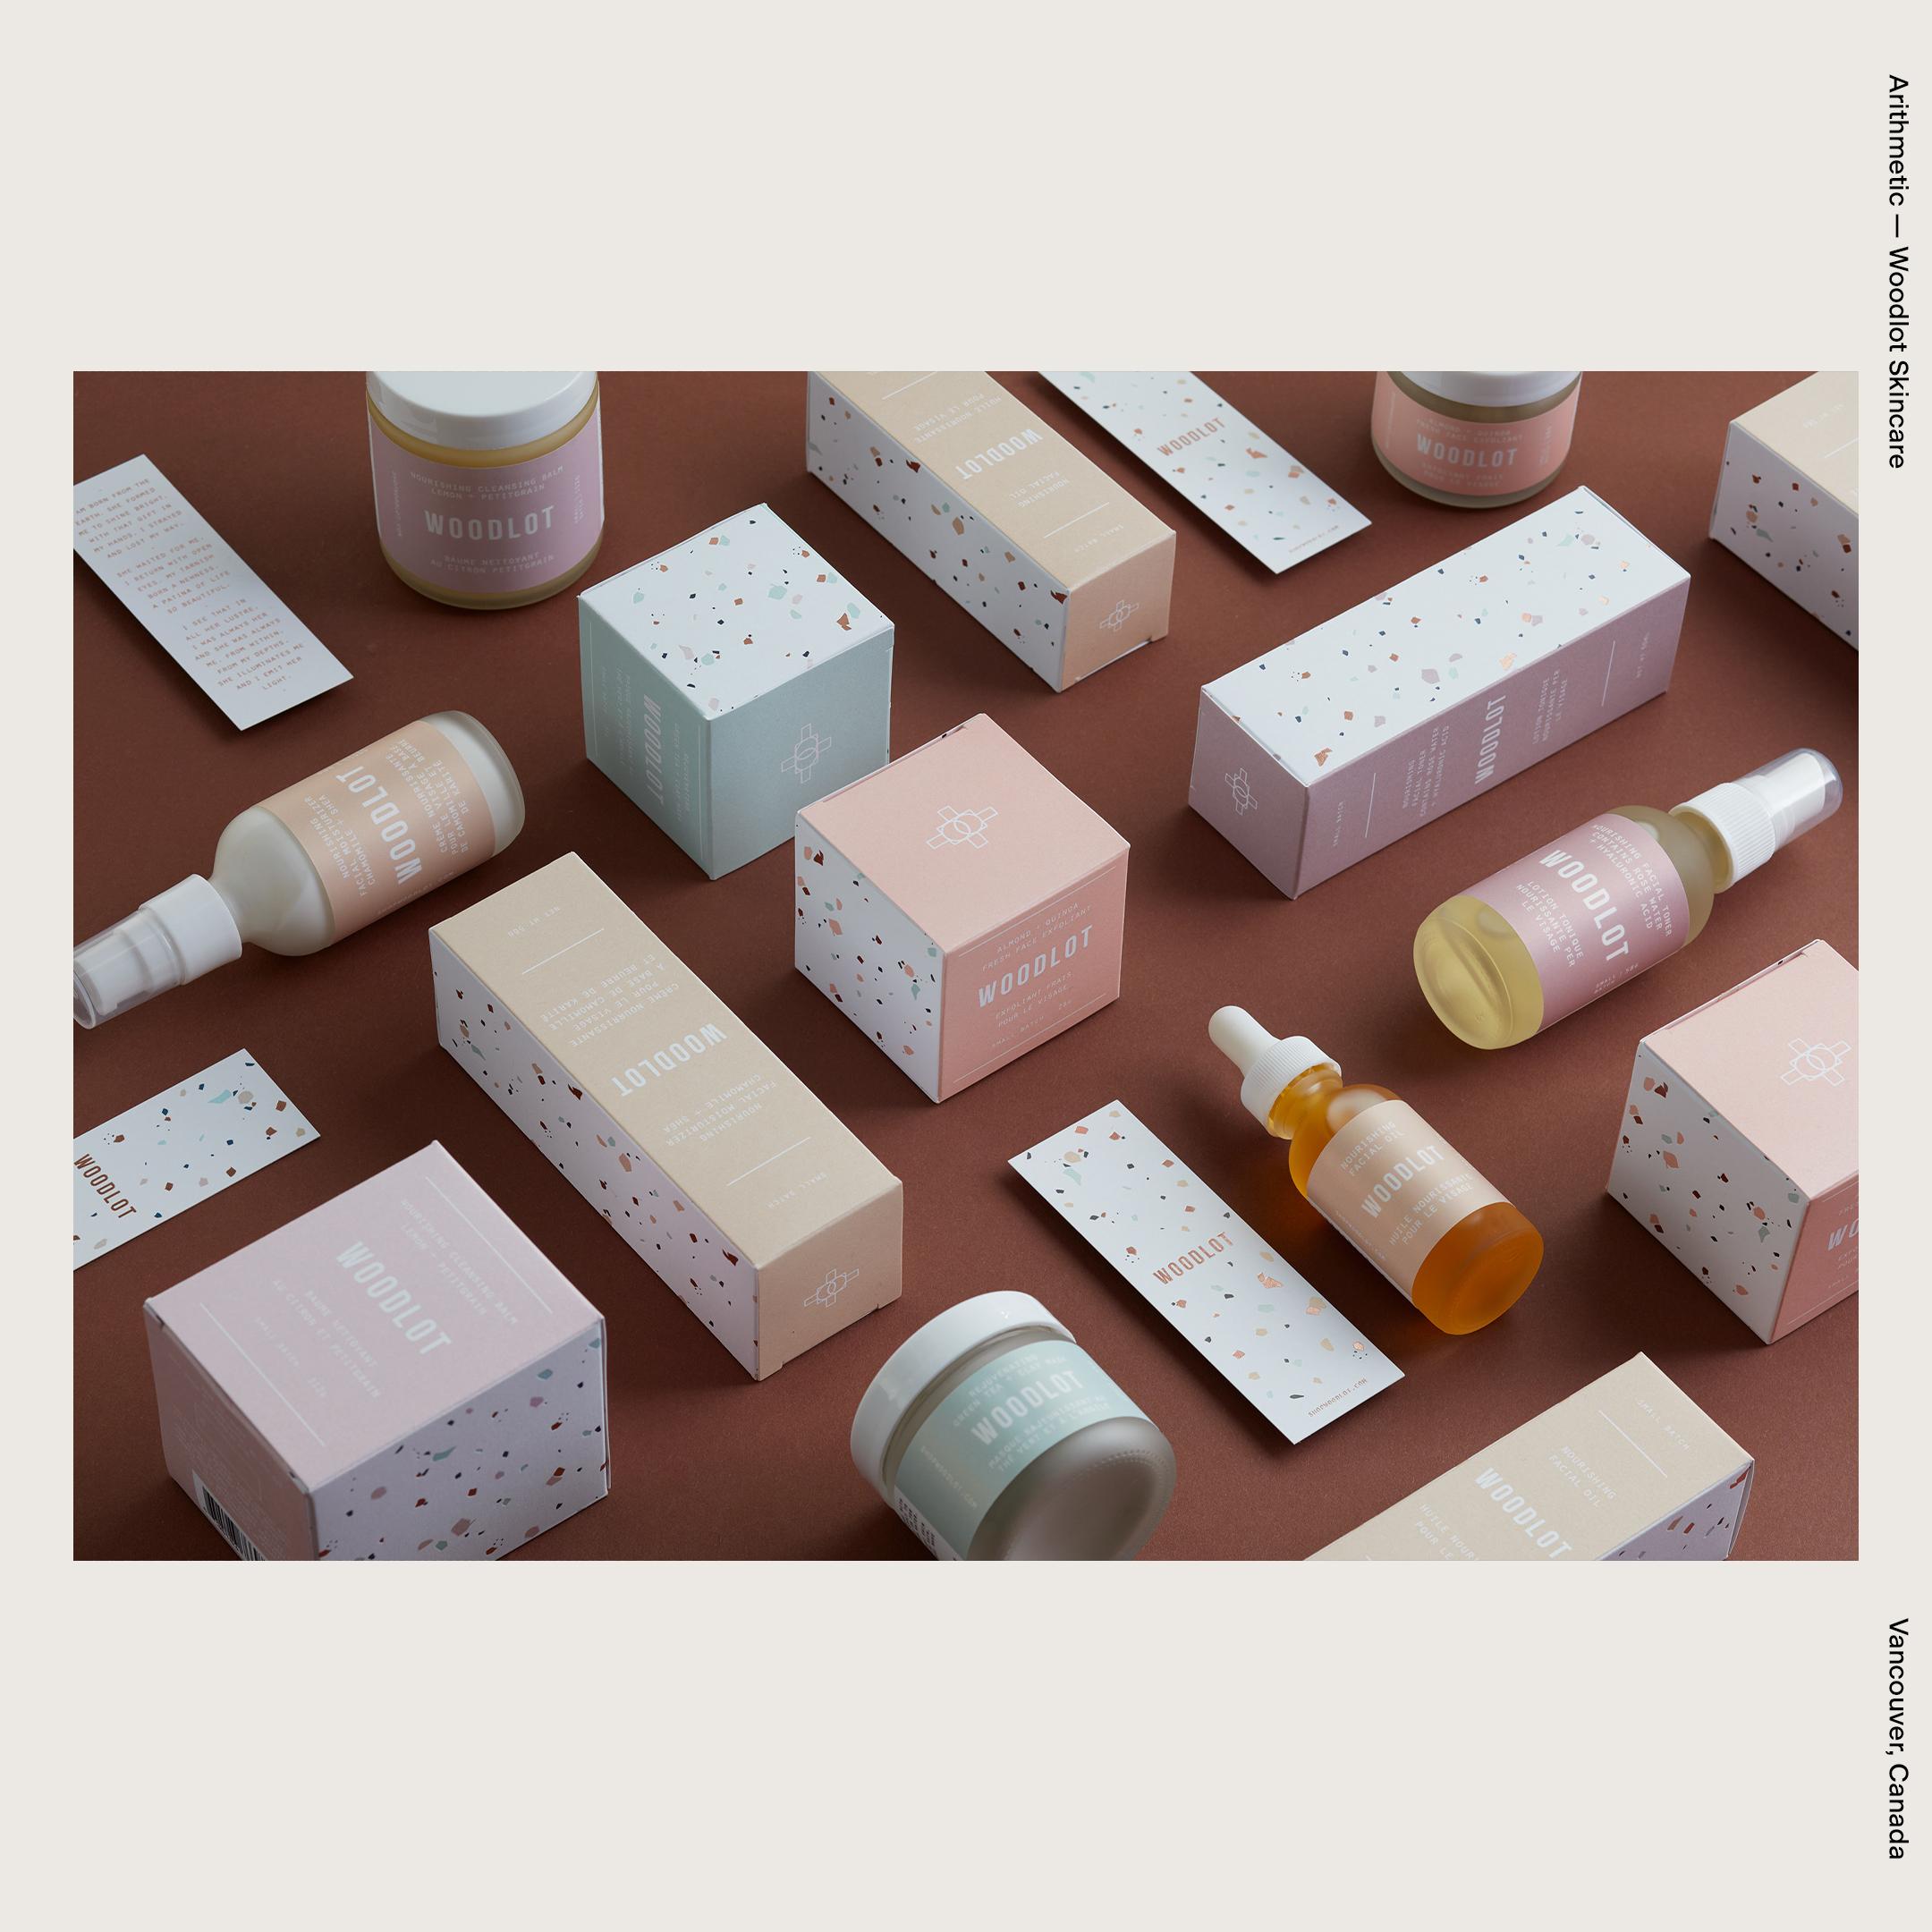 Arithmetic —Woodlot Skincare